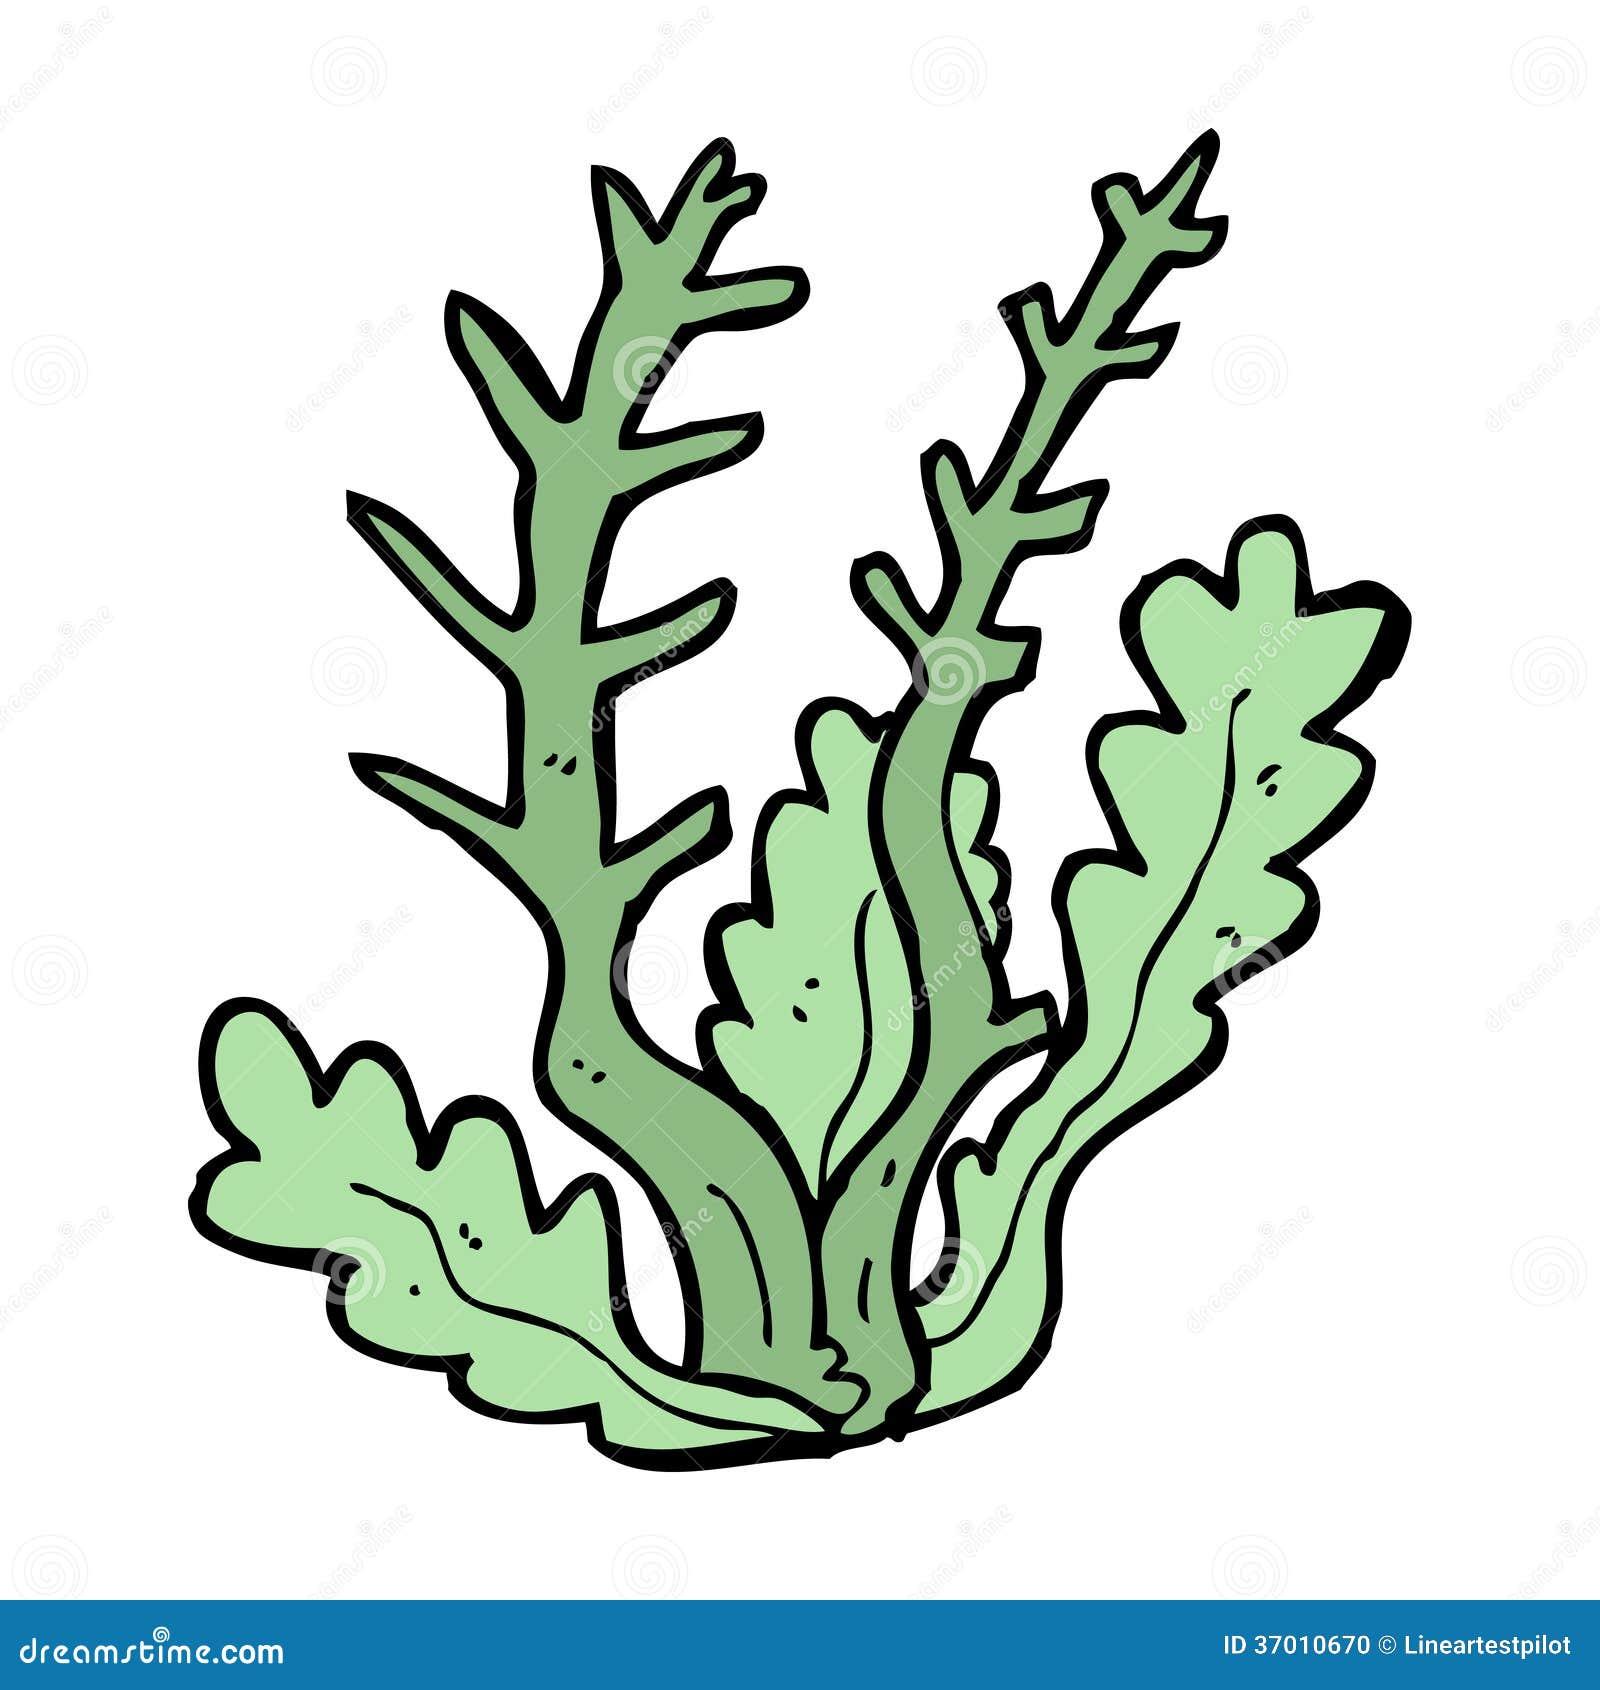 Cartoon Seaweed Clipart cartoon seaweed Stock Photo